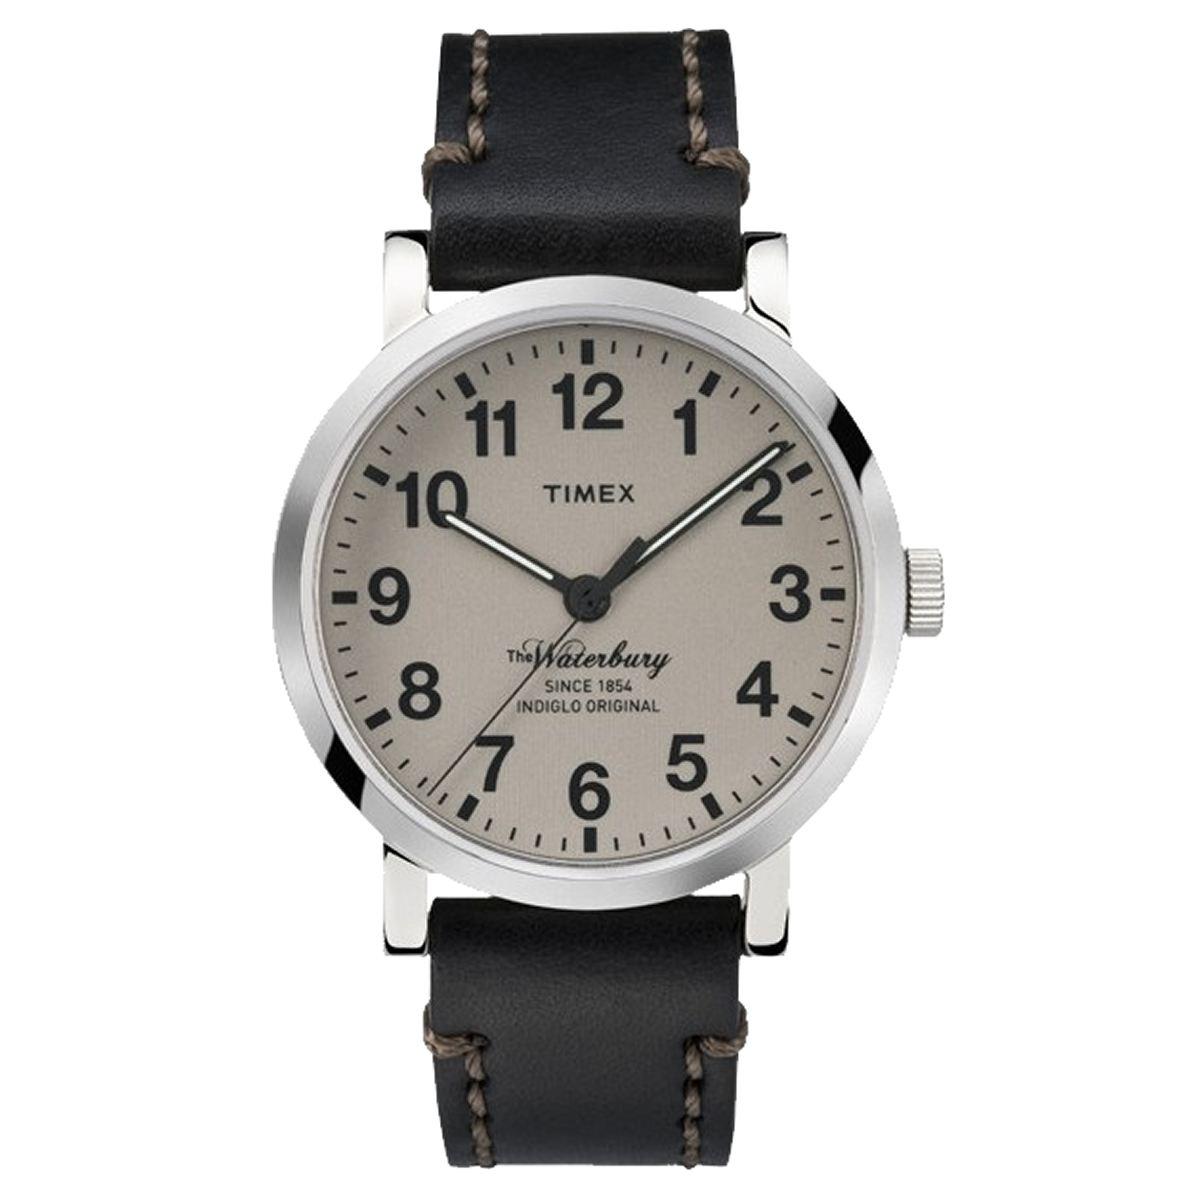 TIMEX(タイメックス)腕時計/ウォーターベリー/トープダイアル ブラックストラップ TW2P58800